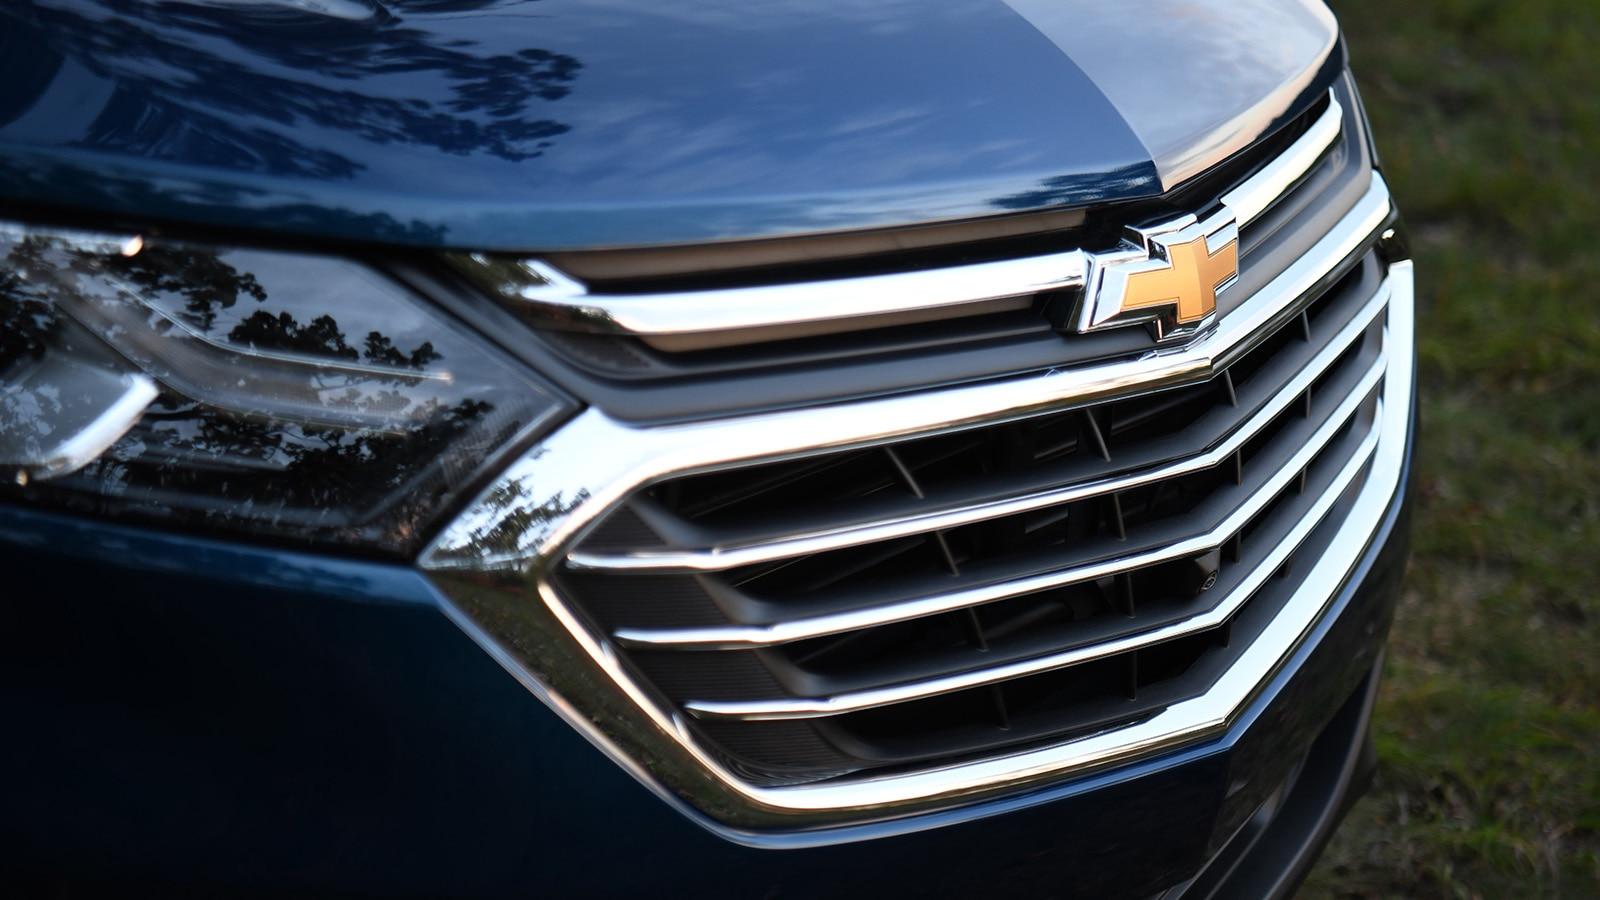 La parrilla frontal y el logotipo de corbatín de la Chevrolet Equinox.